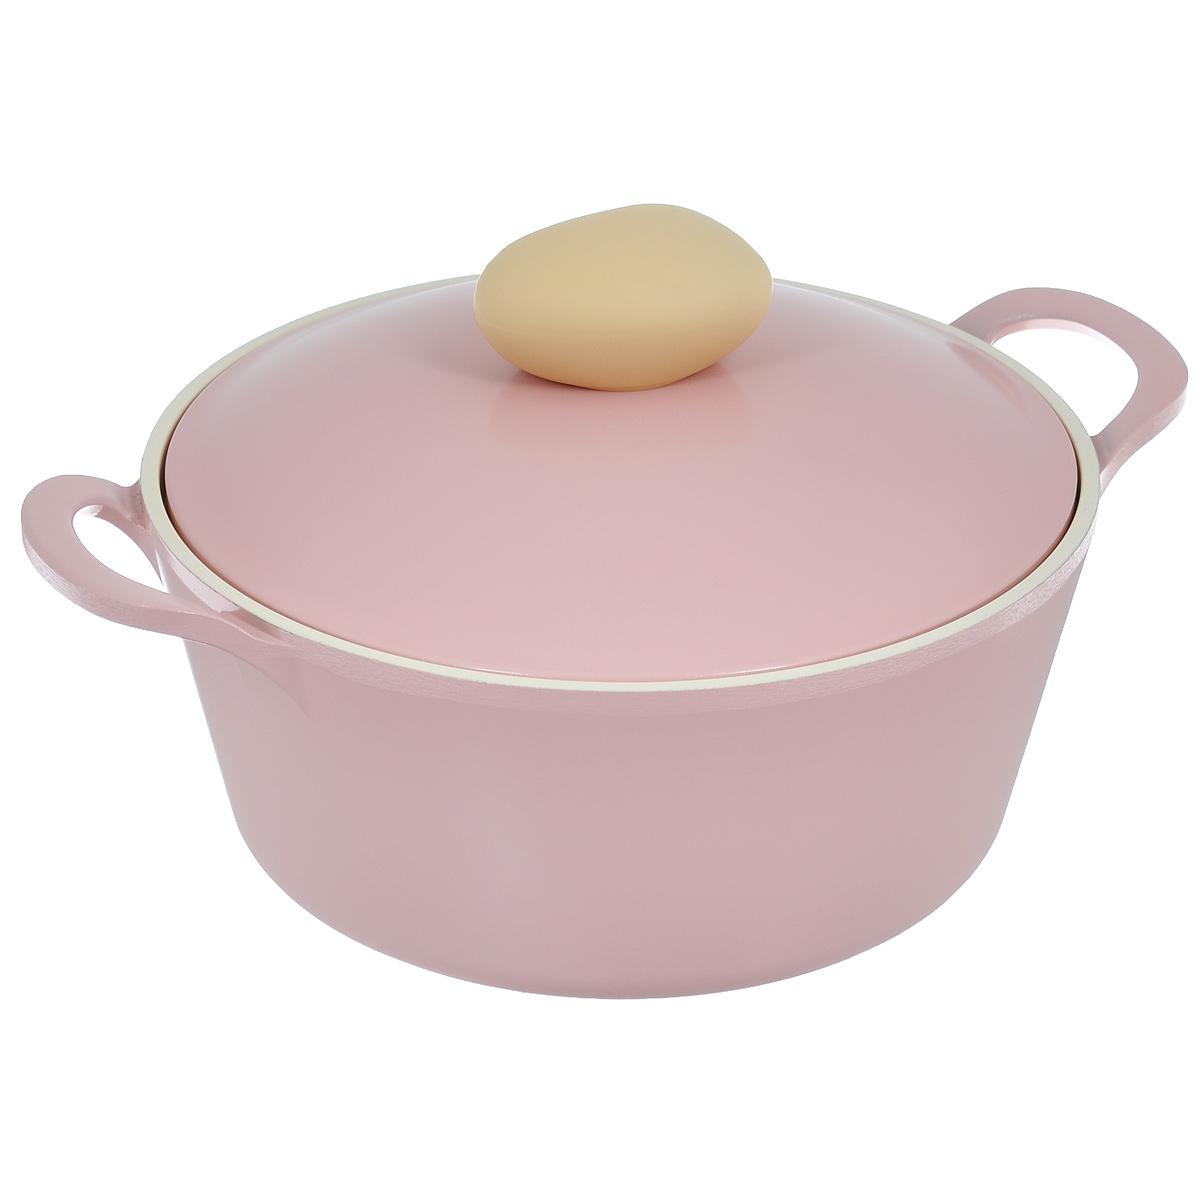 Кастрюля Frybest Round с крышкой, с керамическим покрытием, цвет: розовый, 2,8 лROUND C22-PКастрюля Frybest Round выполнена из алюминия с внутренним и внешним керамическим покрытием Ecolon Superior. Такое покрытие устойчиво к повреждениям и не содержит вредных компонентов, так как изготовлено из натуральных материалов. Кастрюля оснащена удобными литыми алюминиевыми ручками и крышкой с пароотводом и прорезиненной ручкой из высококачественного пластика. Коллекция Round - это сочетание непревзойденного качества и элегантности. Ключевые преимущества: - Литой алюминиевый корпус хорошо проводит тепло и равномерно нагревается, обеспечивая наиболее эффективное приготовление пищи, - Крепления ручек не имеют заклепок на внутренней стороне посуды, - Внешнее и внутреннее покрытие устойчиво к царапинам и повреждениям, - Покрытие абсолютно нейтрально и не вступает в реакцию с пищей, - Легко моется, - Утолщенное дно для лучшего распространения тепла и экономии энергии, - Благодаря равномерно прогревающейся алюминиевой...